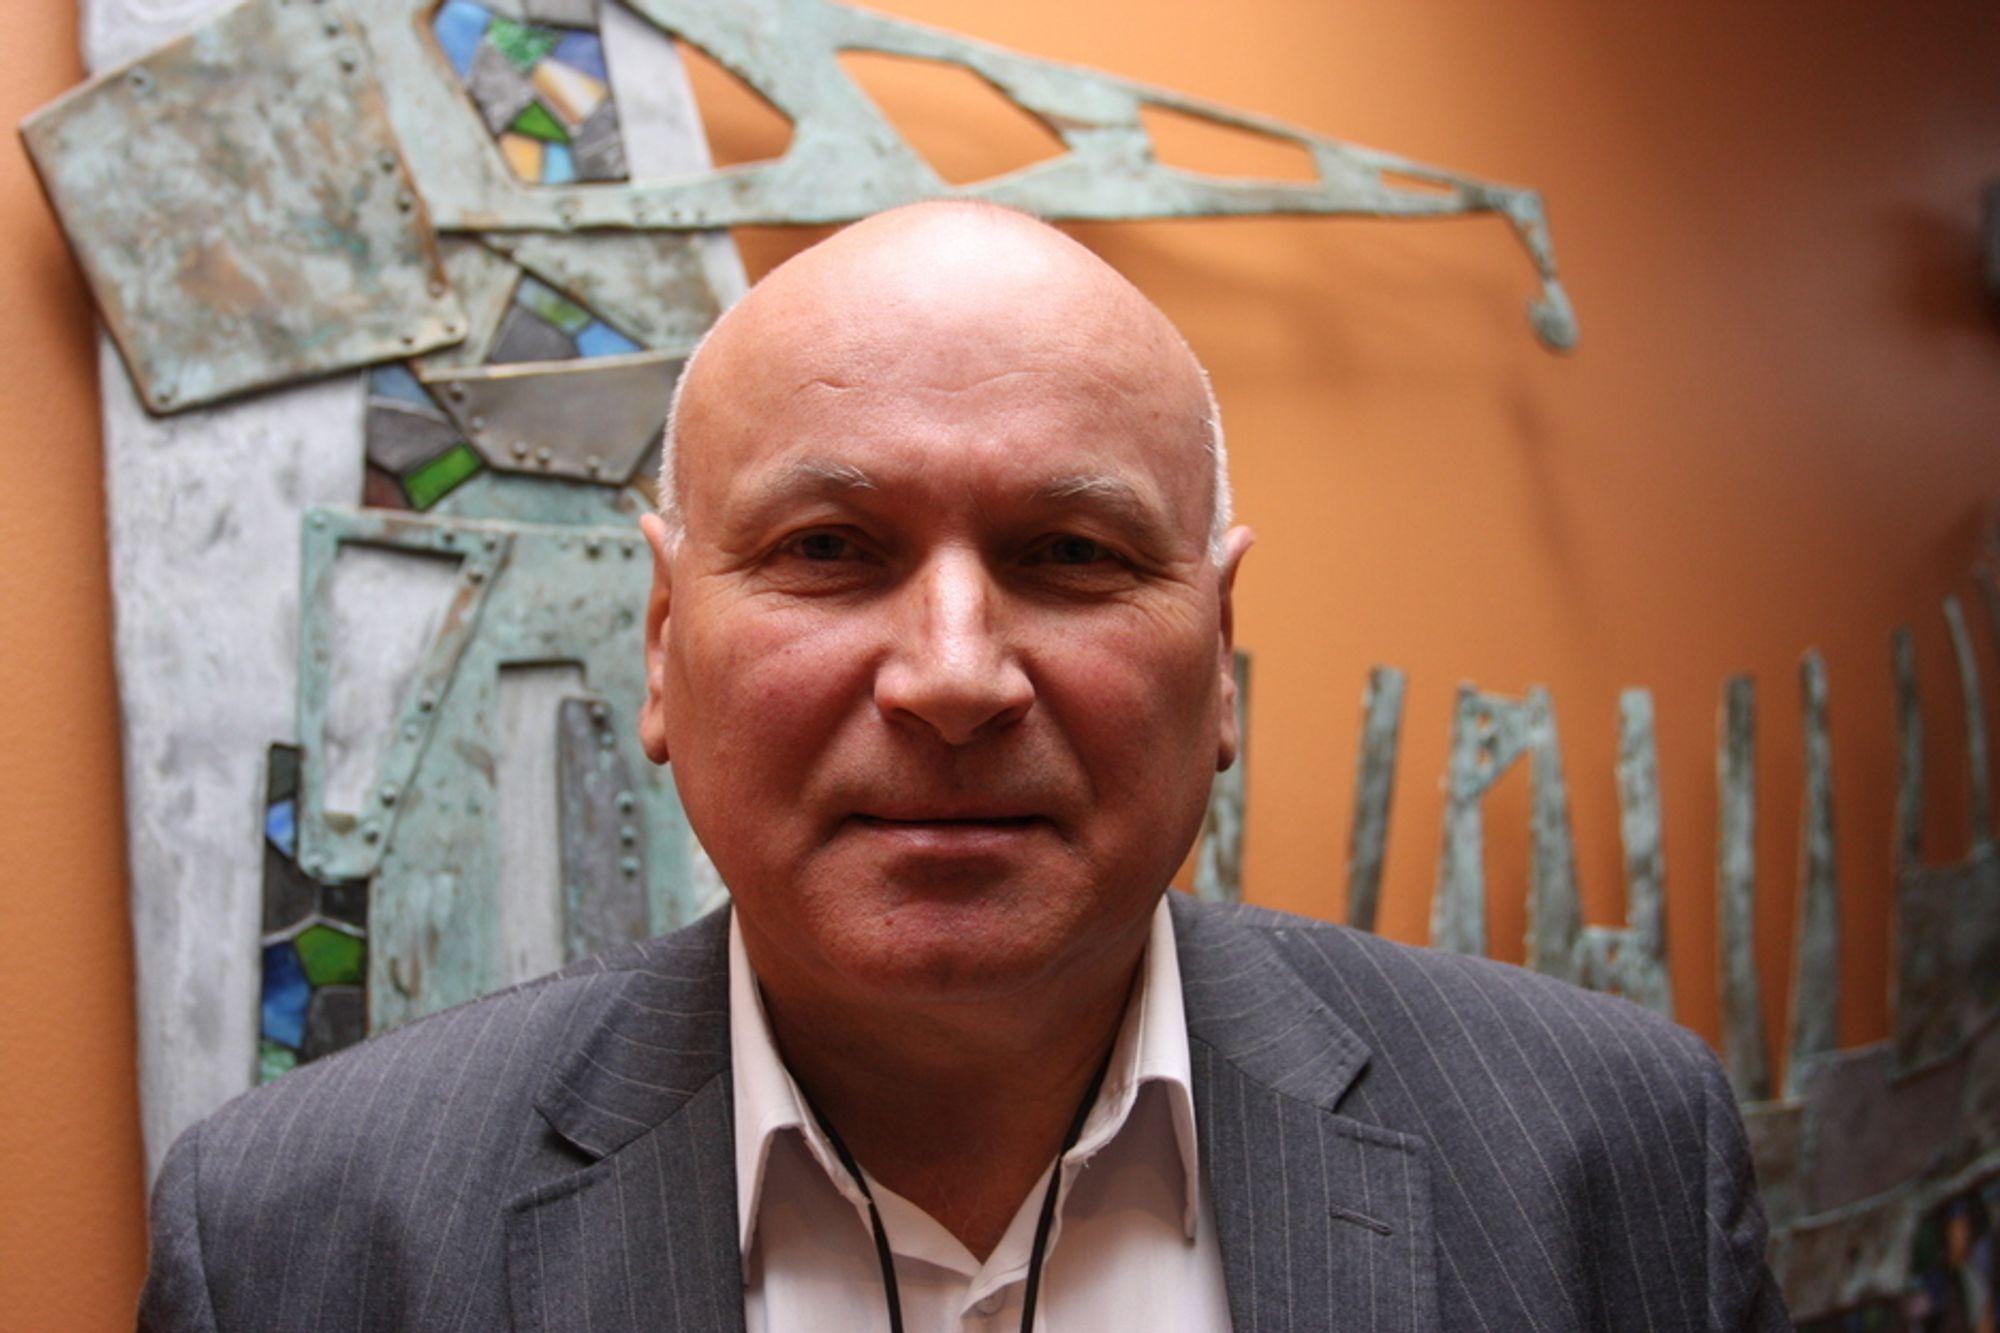 NOK MED ÉN: En ny aktør i bakkenettet kan ødelegge hele forretningskonseptet bak TV-plattformen, advarer Svein R. Aarvig, administrerende direktør i NTV.